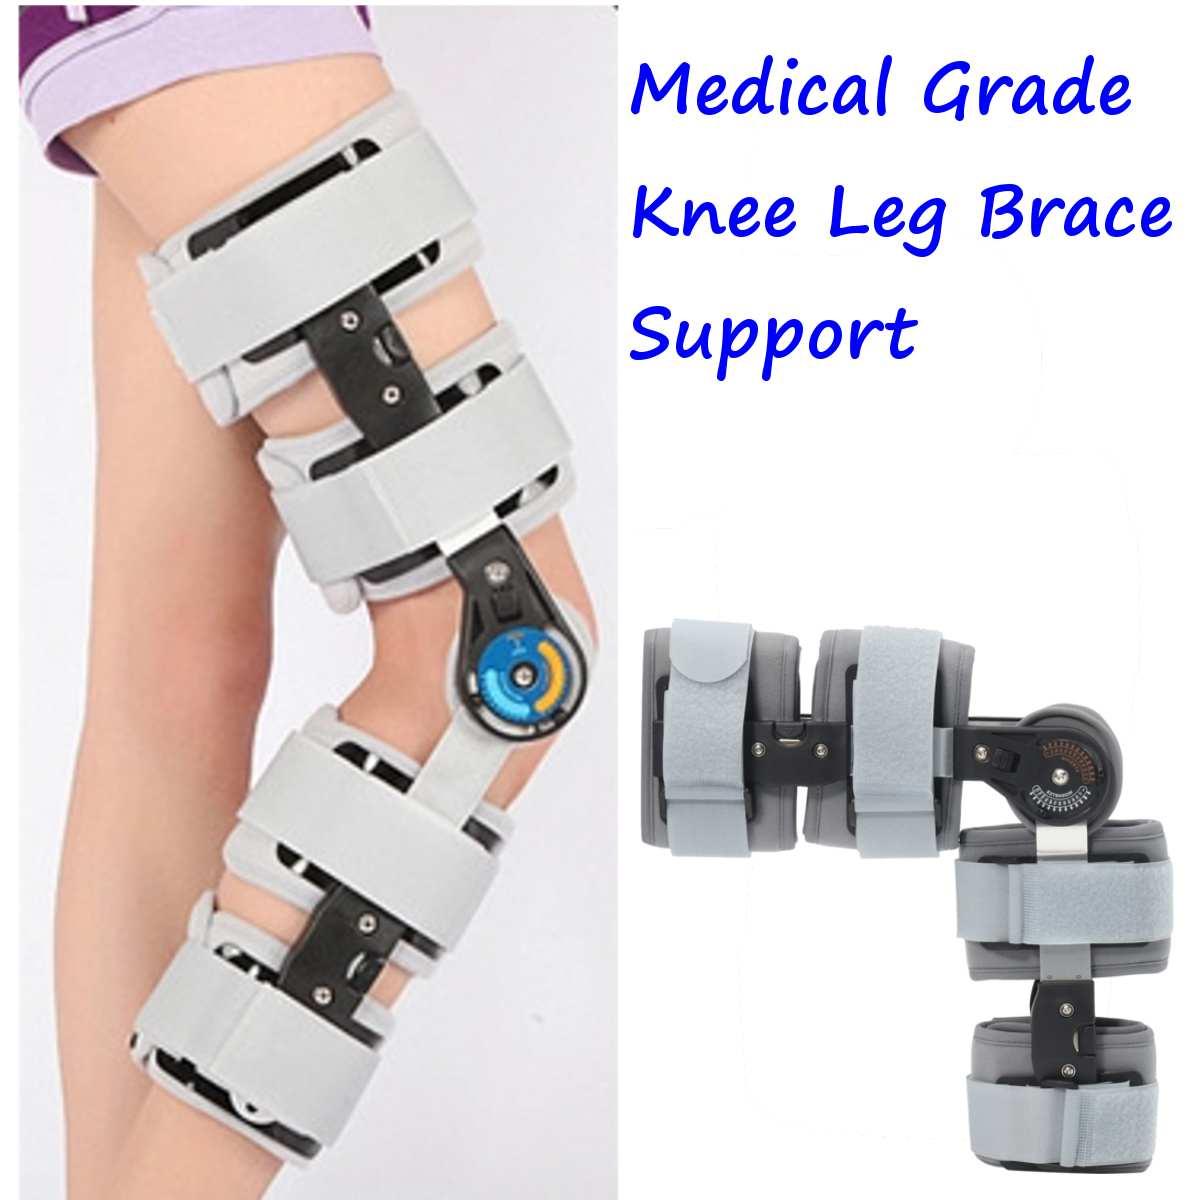 Черный/серый медицинский ранг 0 120 градусов Регулируемый шарнирный наколенник для ног поддержка защита коленного сустава лодыжки Связки ремонт повреждений